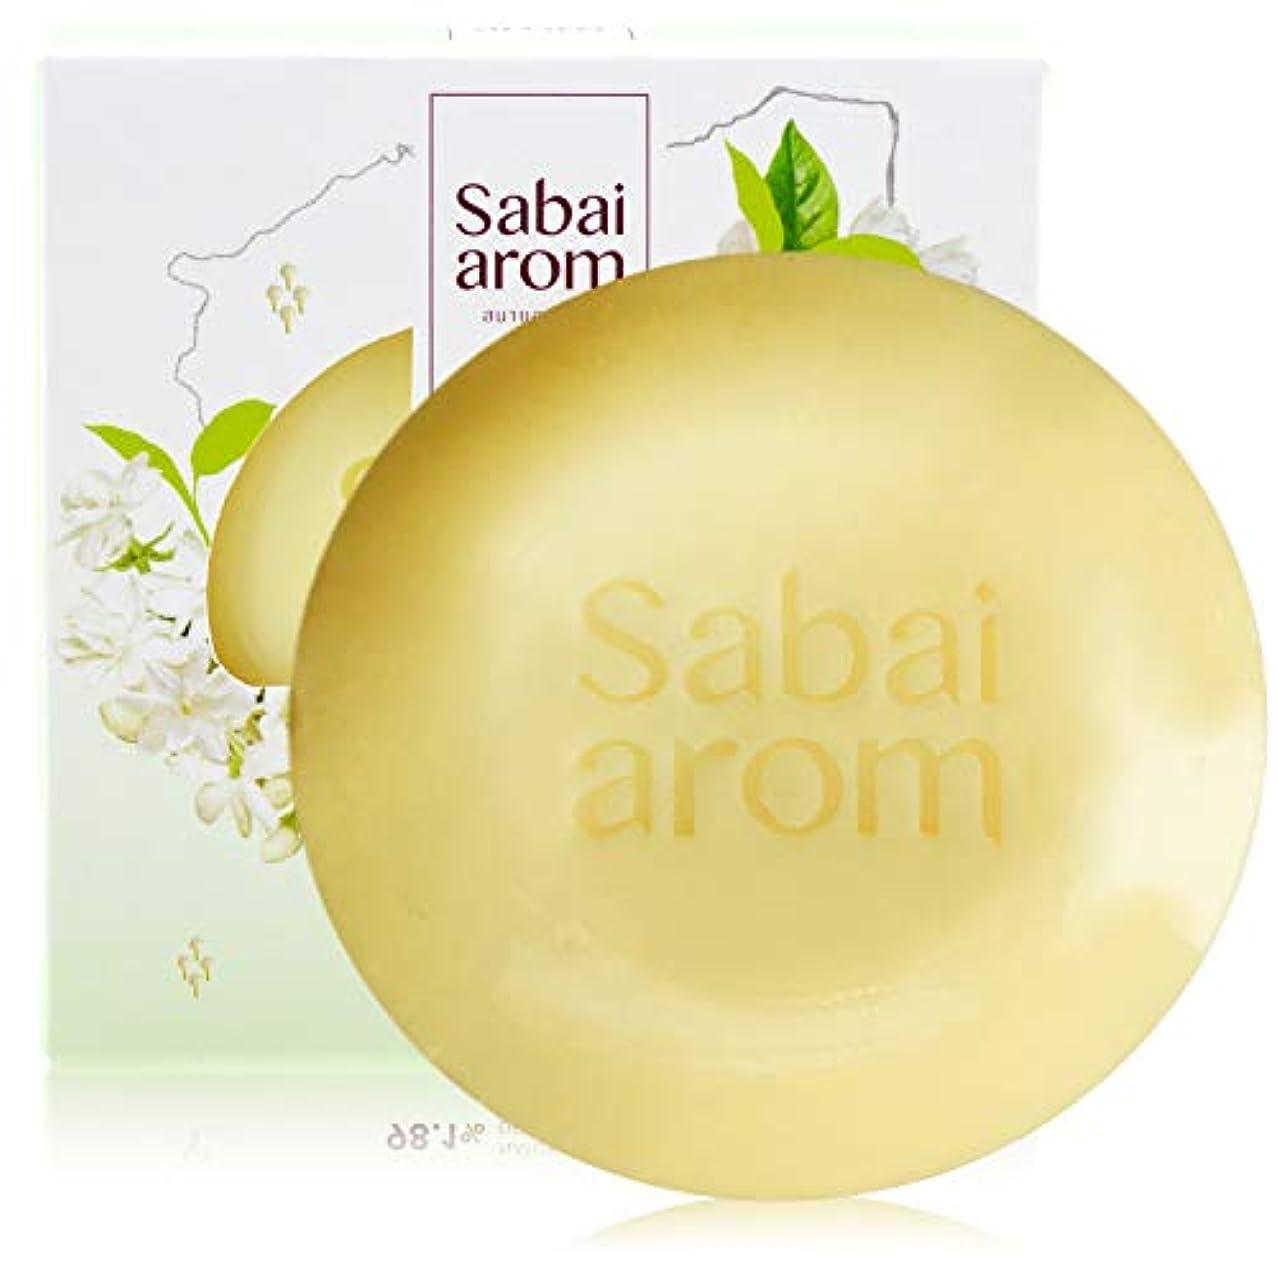 試用最も早いゴミ箱を空にするサバイアロム(Sabai-arom) マリラー ジャスミン リチュアル フェイス&ボディソープバー (石鹸) 100g【JAS】【001】